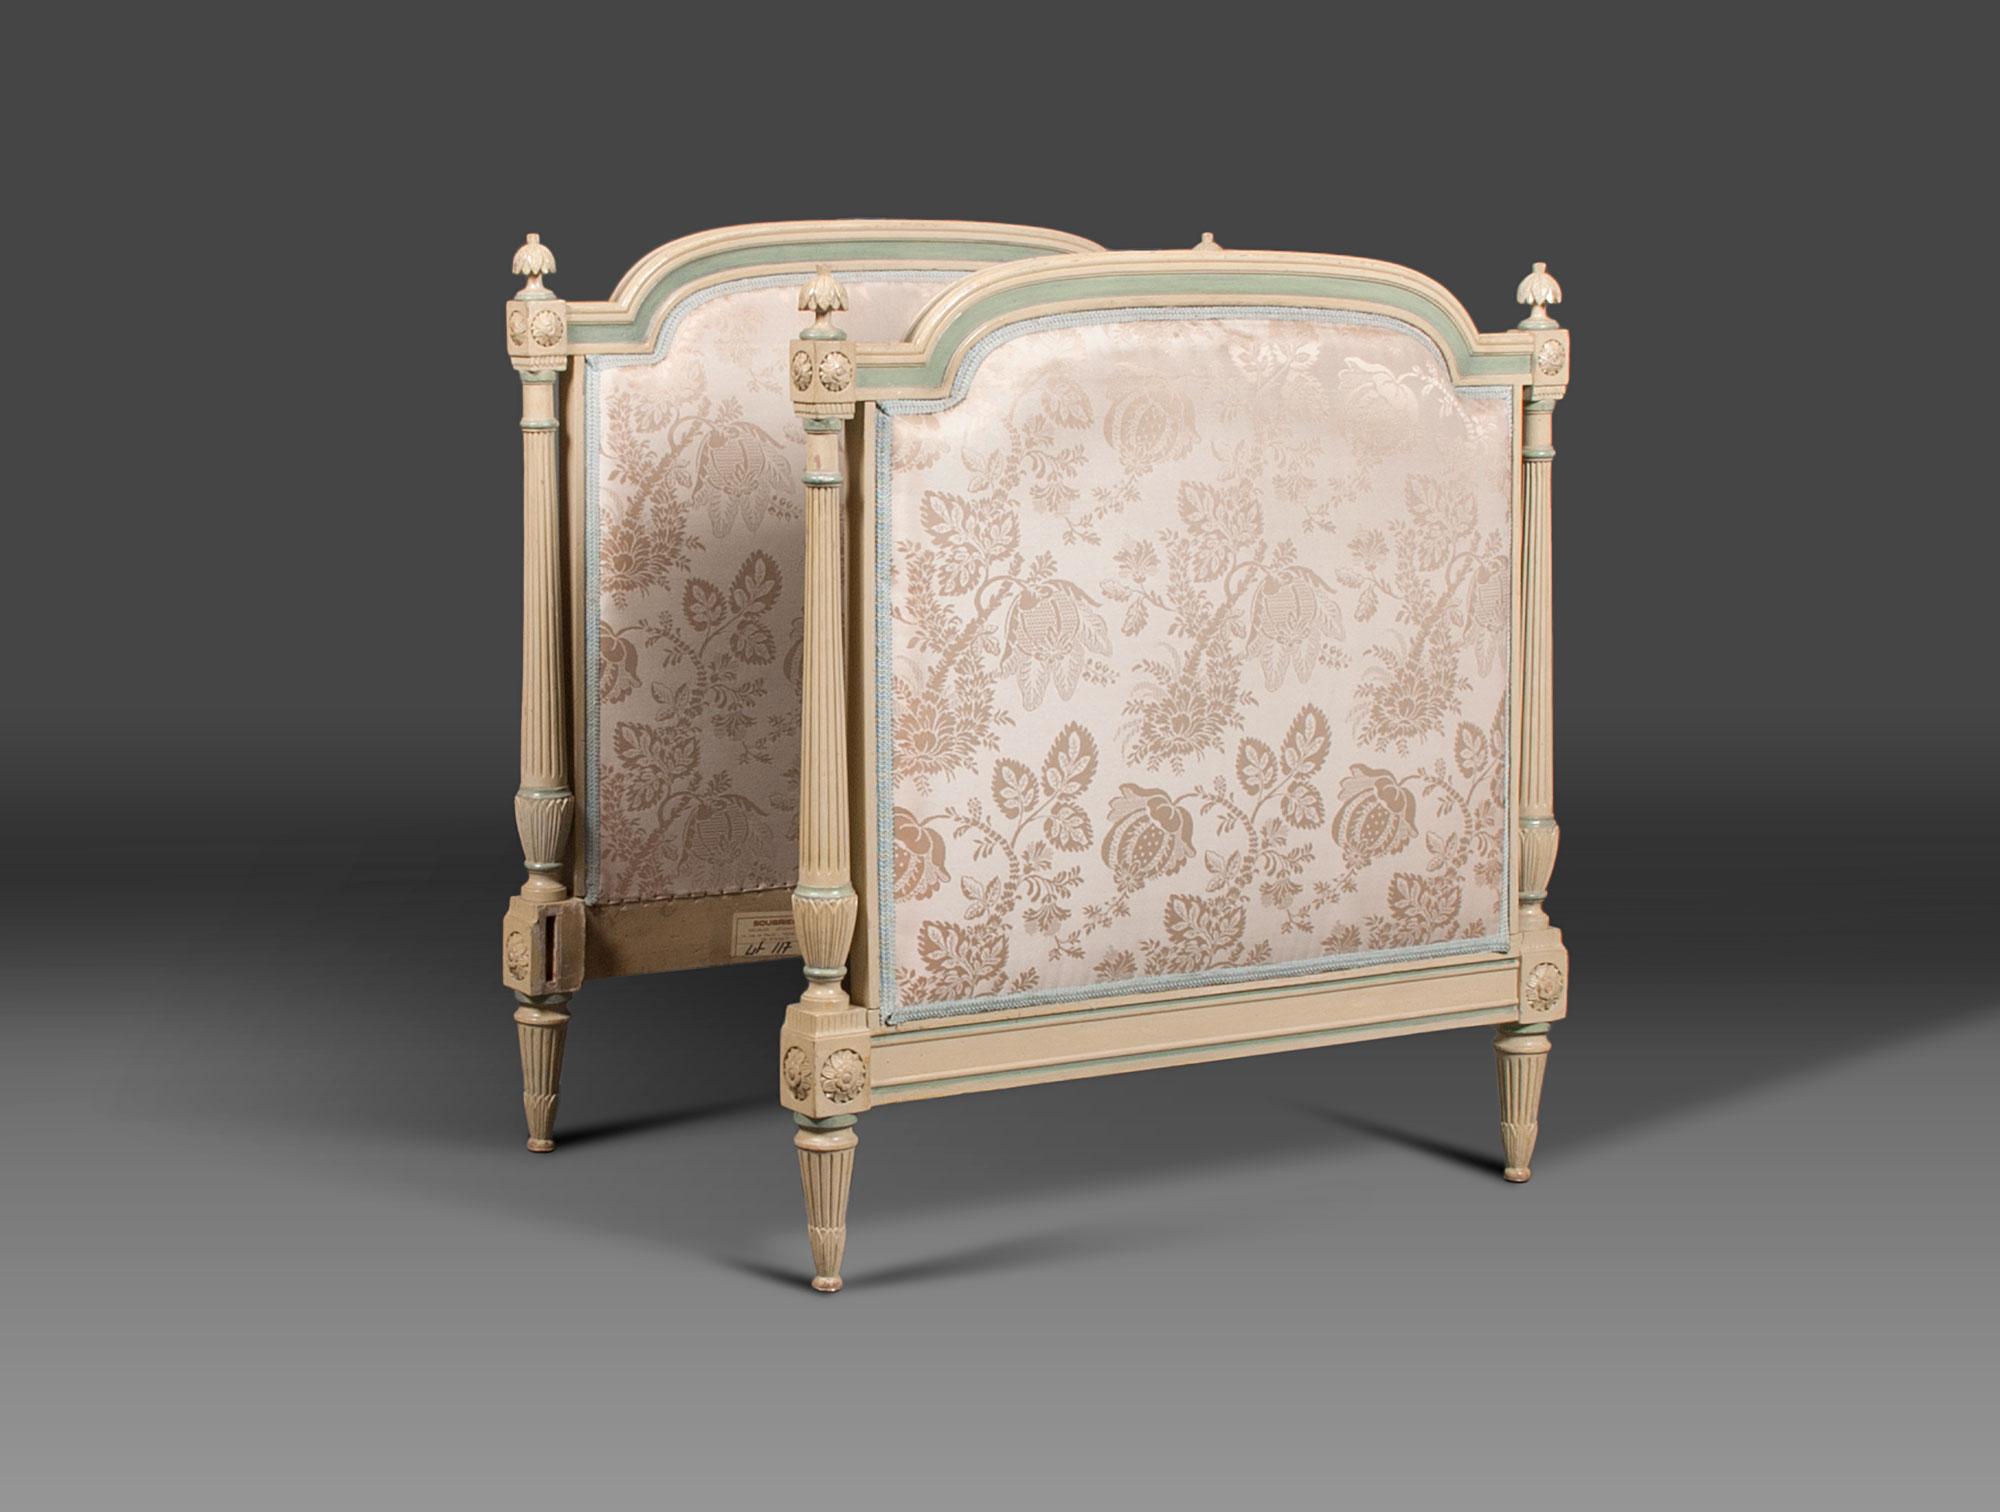 Lit De Repos Louis XV Soubrier Louer Mobiliers Lit XVIIIe